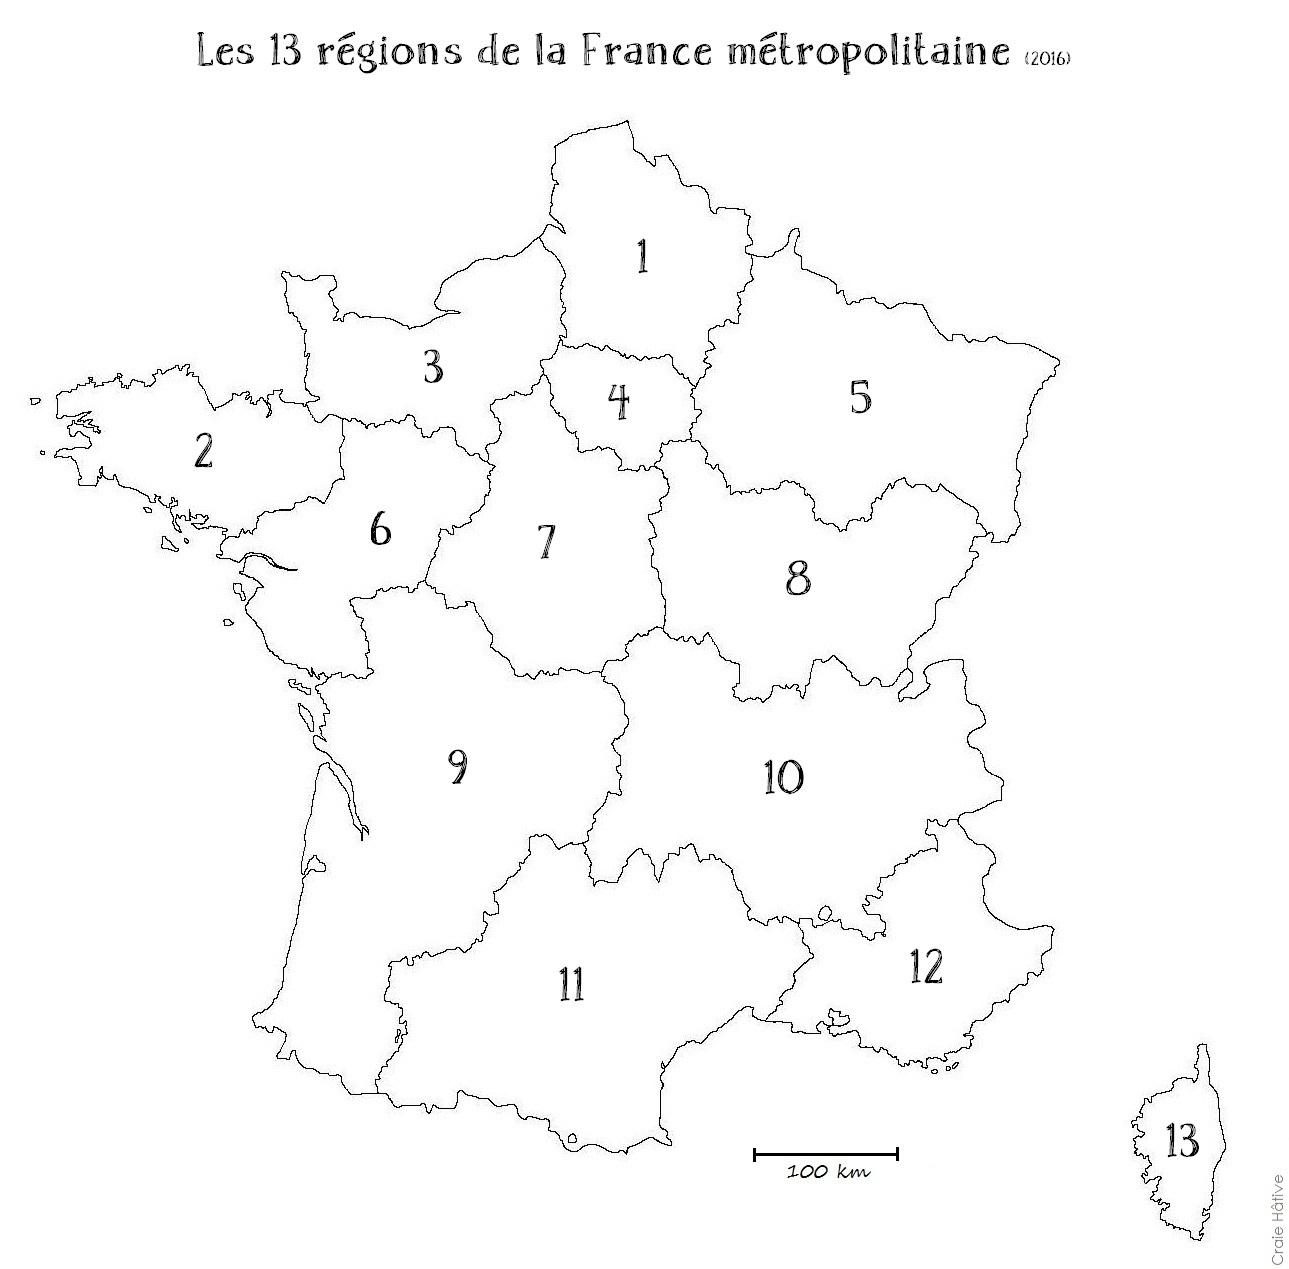 Cartes Des Régions De La France Métropolitaine - 2016 concernant Les 13 Régions